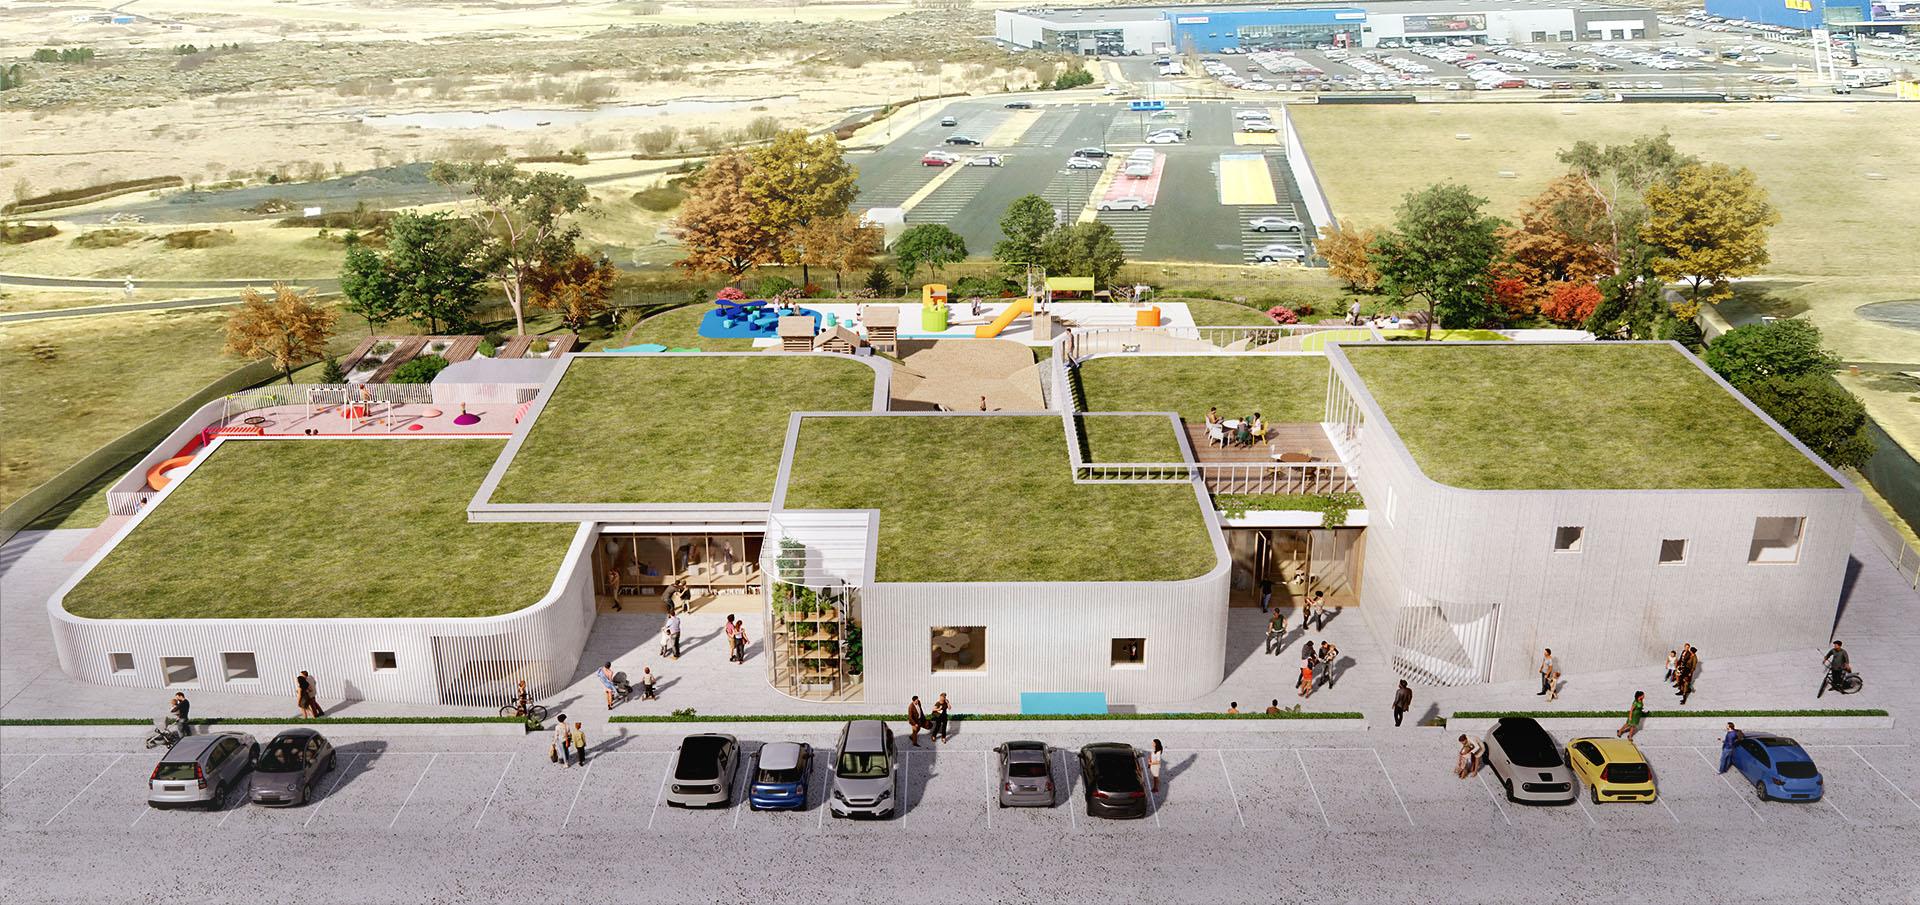 sastudio Tiago Sá architecture iceland kindergarten winner 1st prize first arquitetura